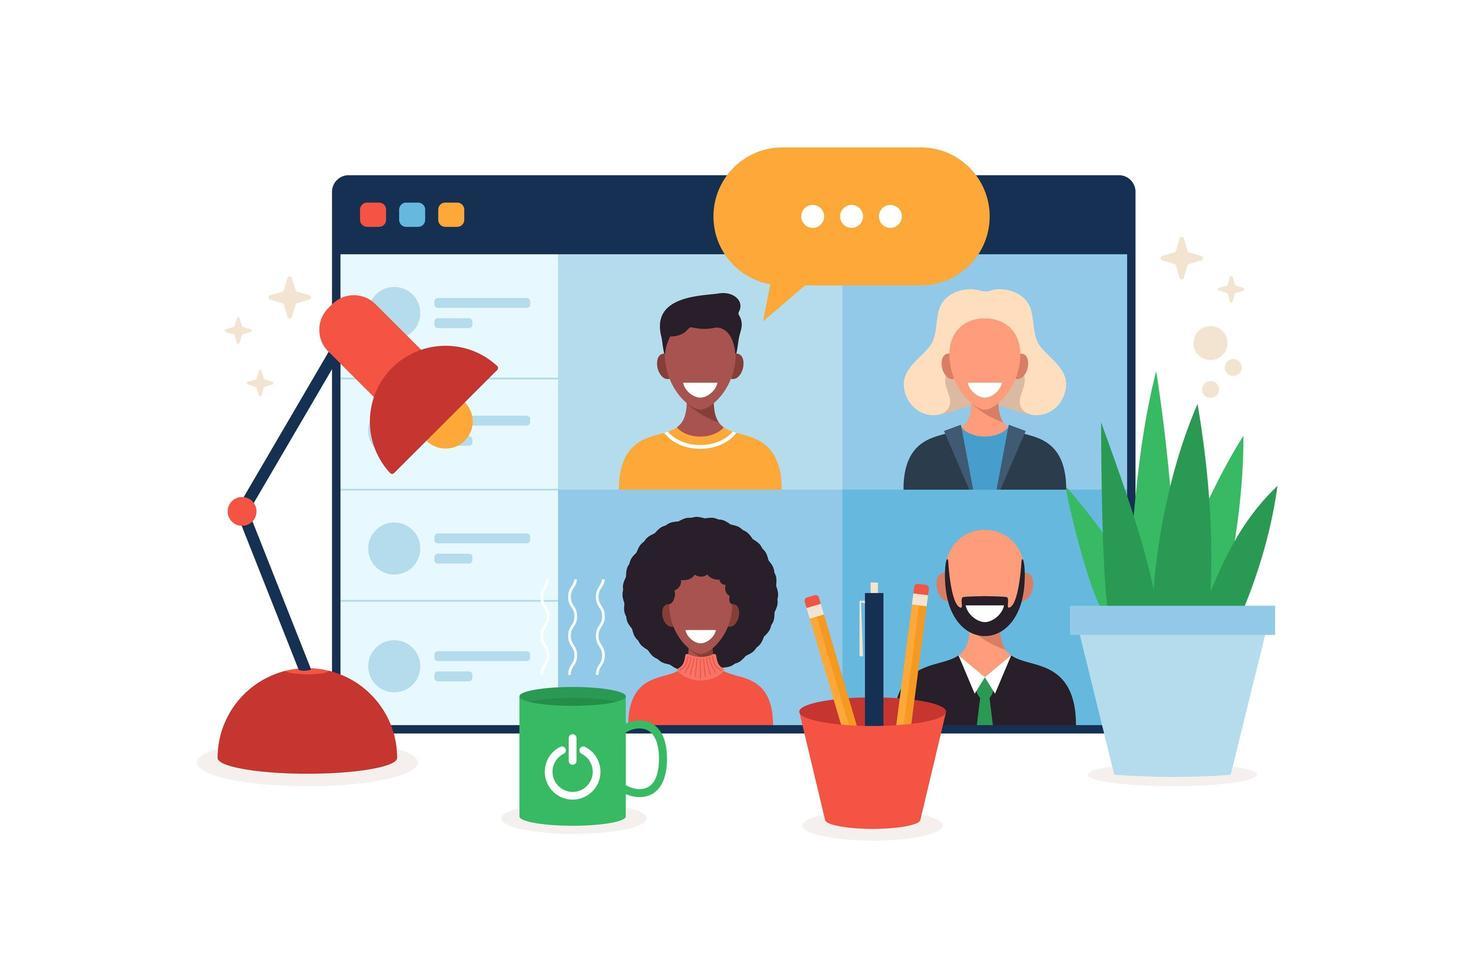 online onderwijs, e-learning, online cursusconcept, thuisschool vectorillustratie. studenten op browservenster computerscherm, afstandsonderwijs, nieuw normaal, cartoon platte vectorillustratie vector